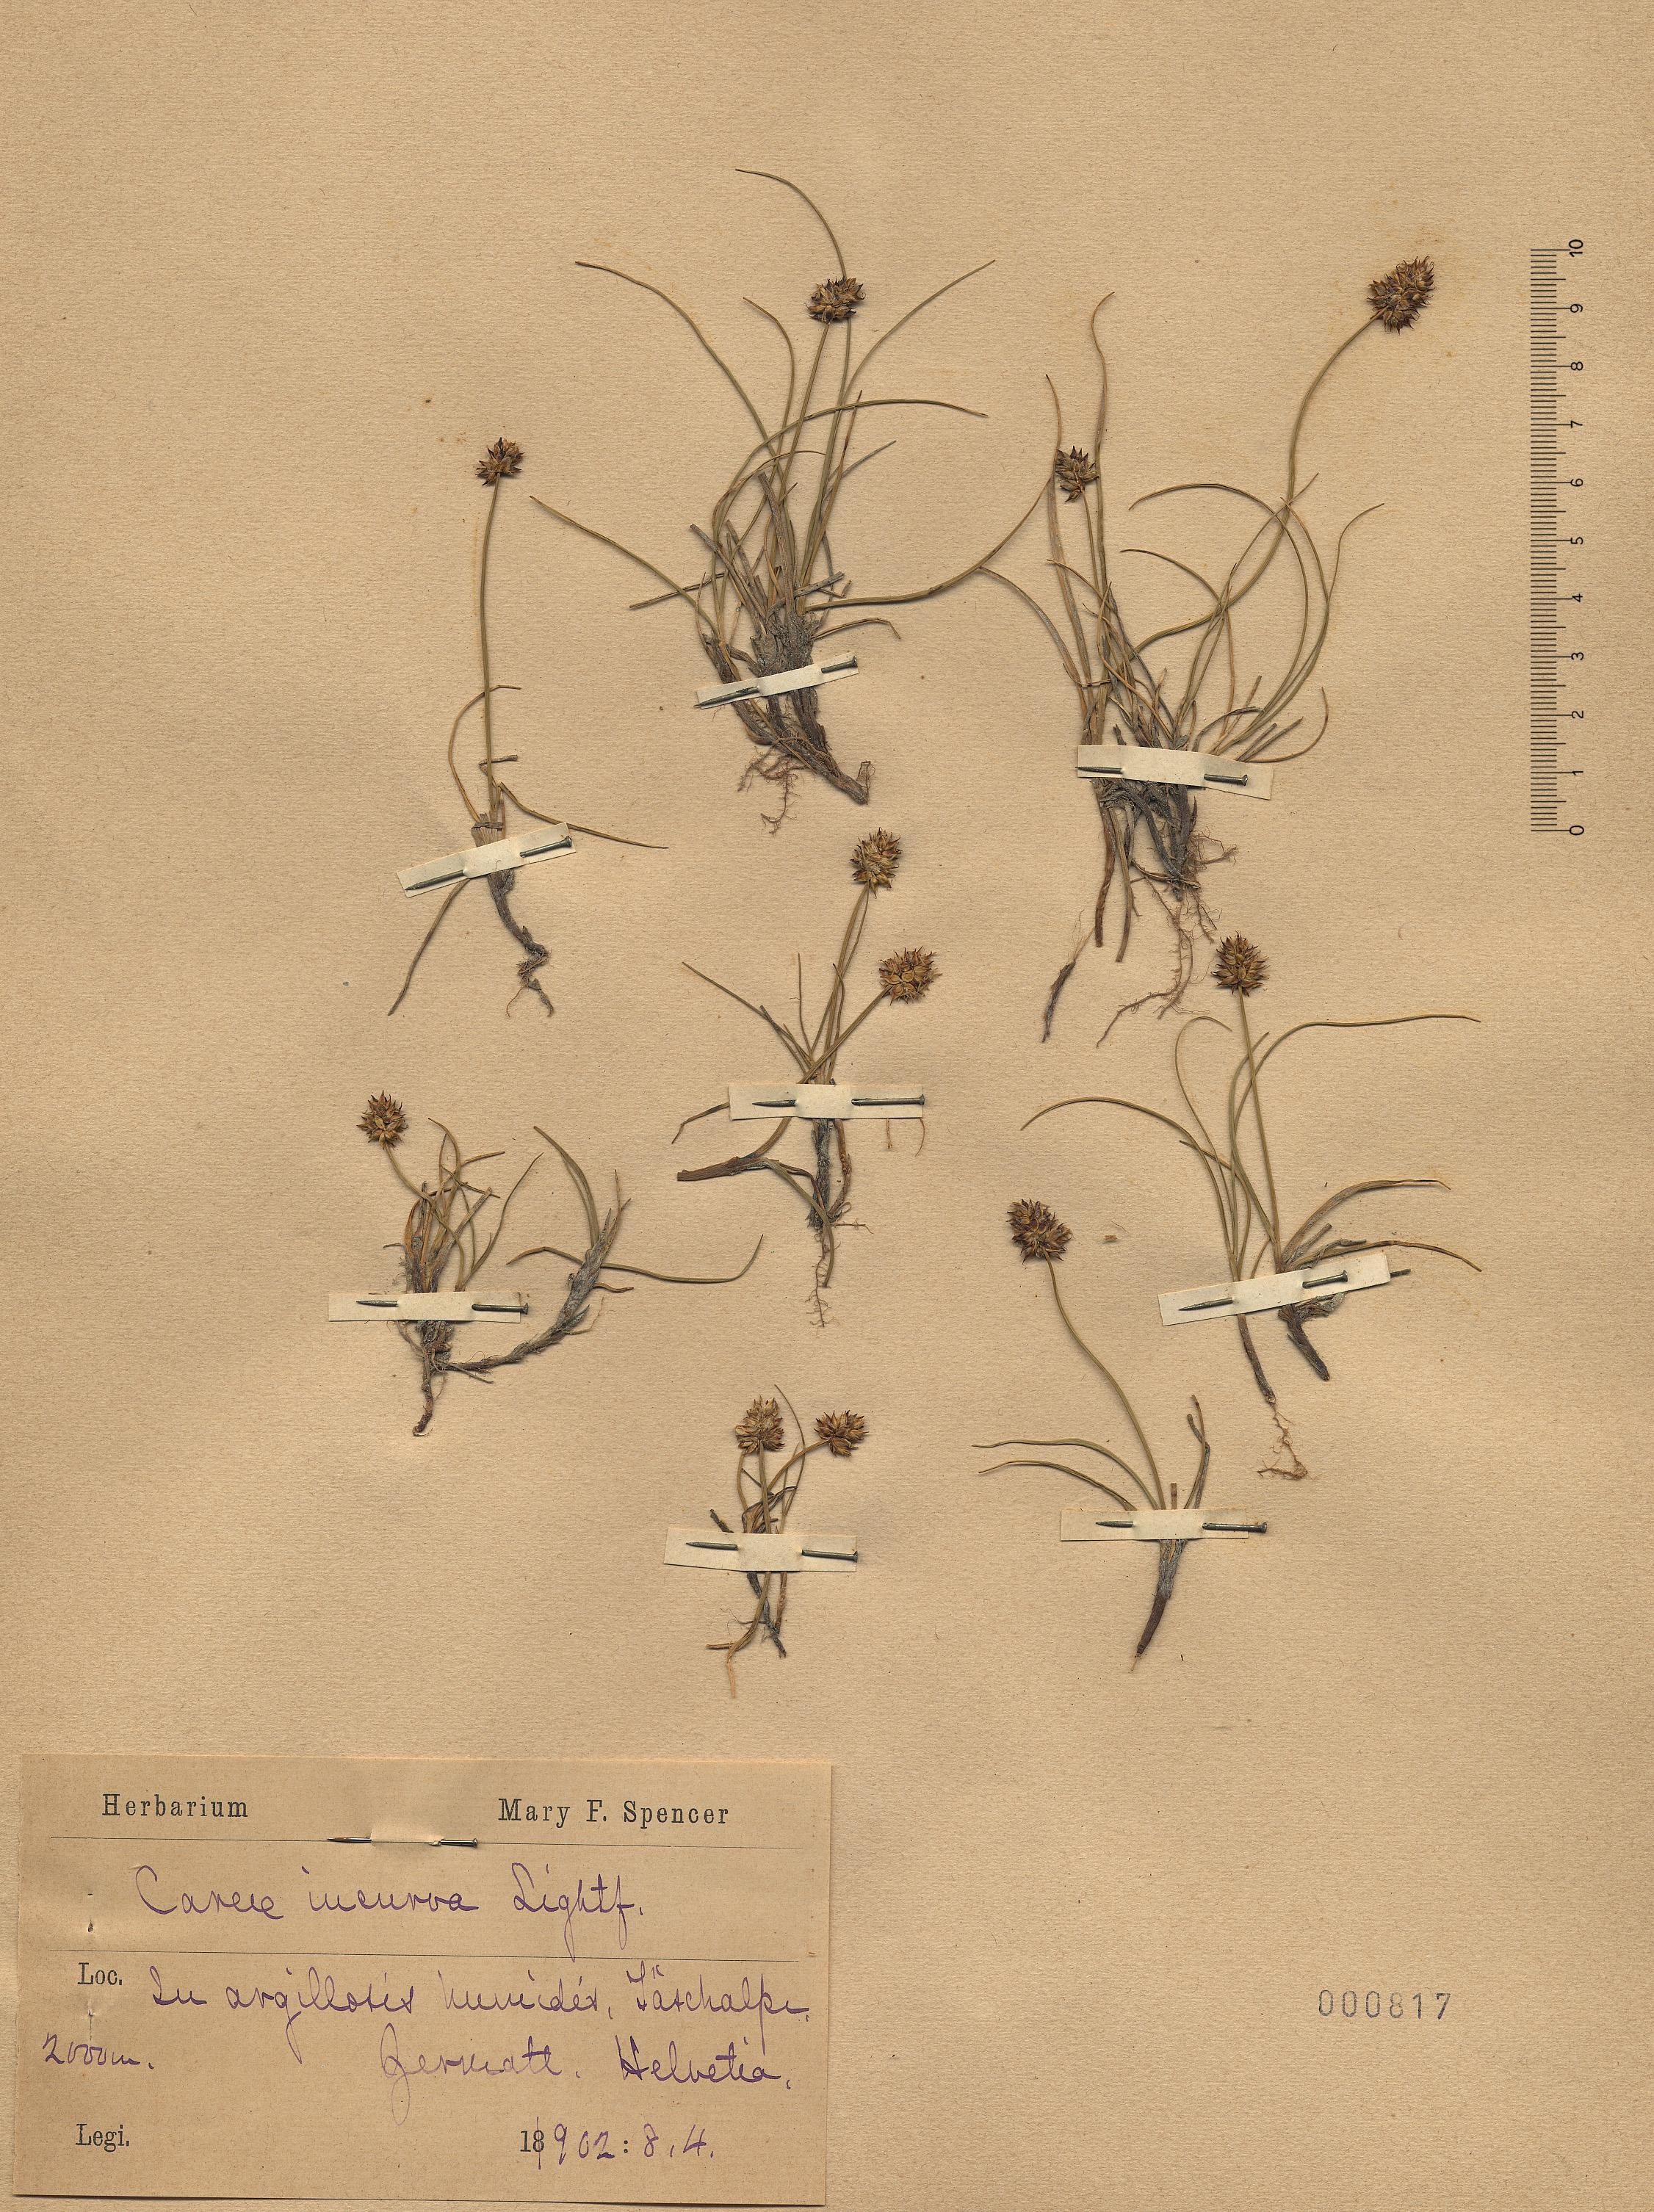 &copy; Hortus Botanicus Catinensis - Herb. sheet 000817<br>